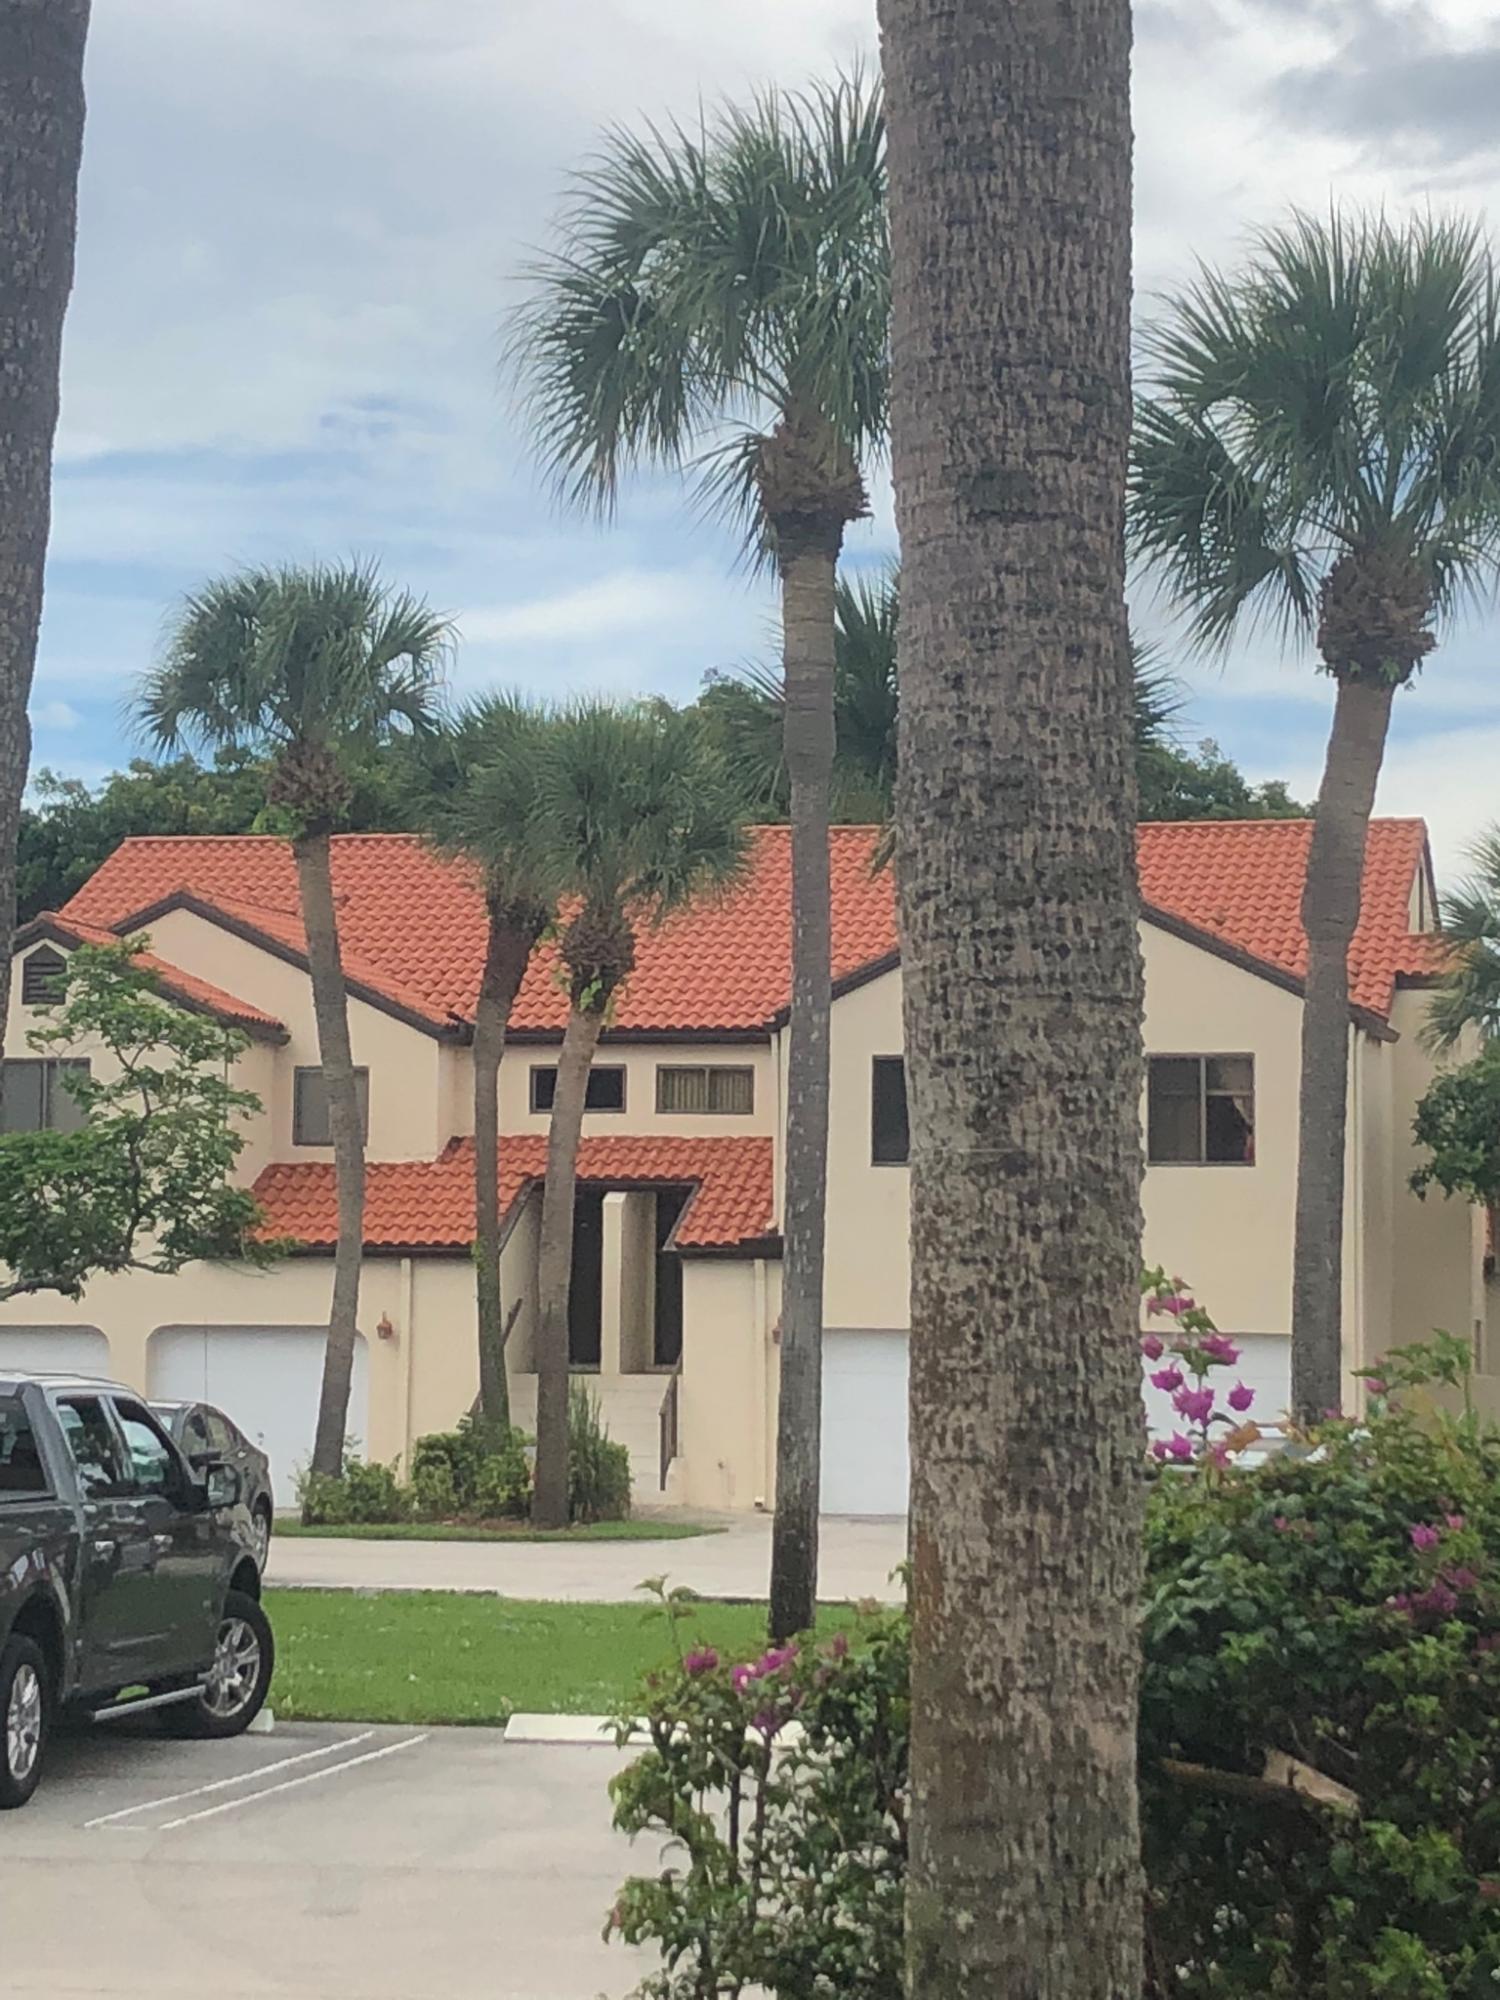 10 Via De Casas Sur 102 Boynton Beach, FL 33426